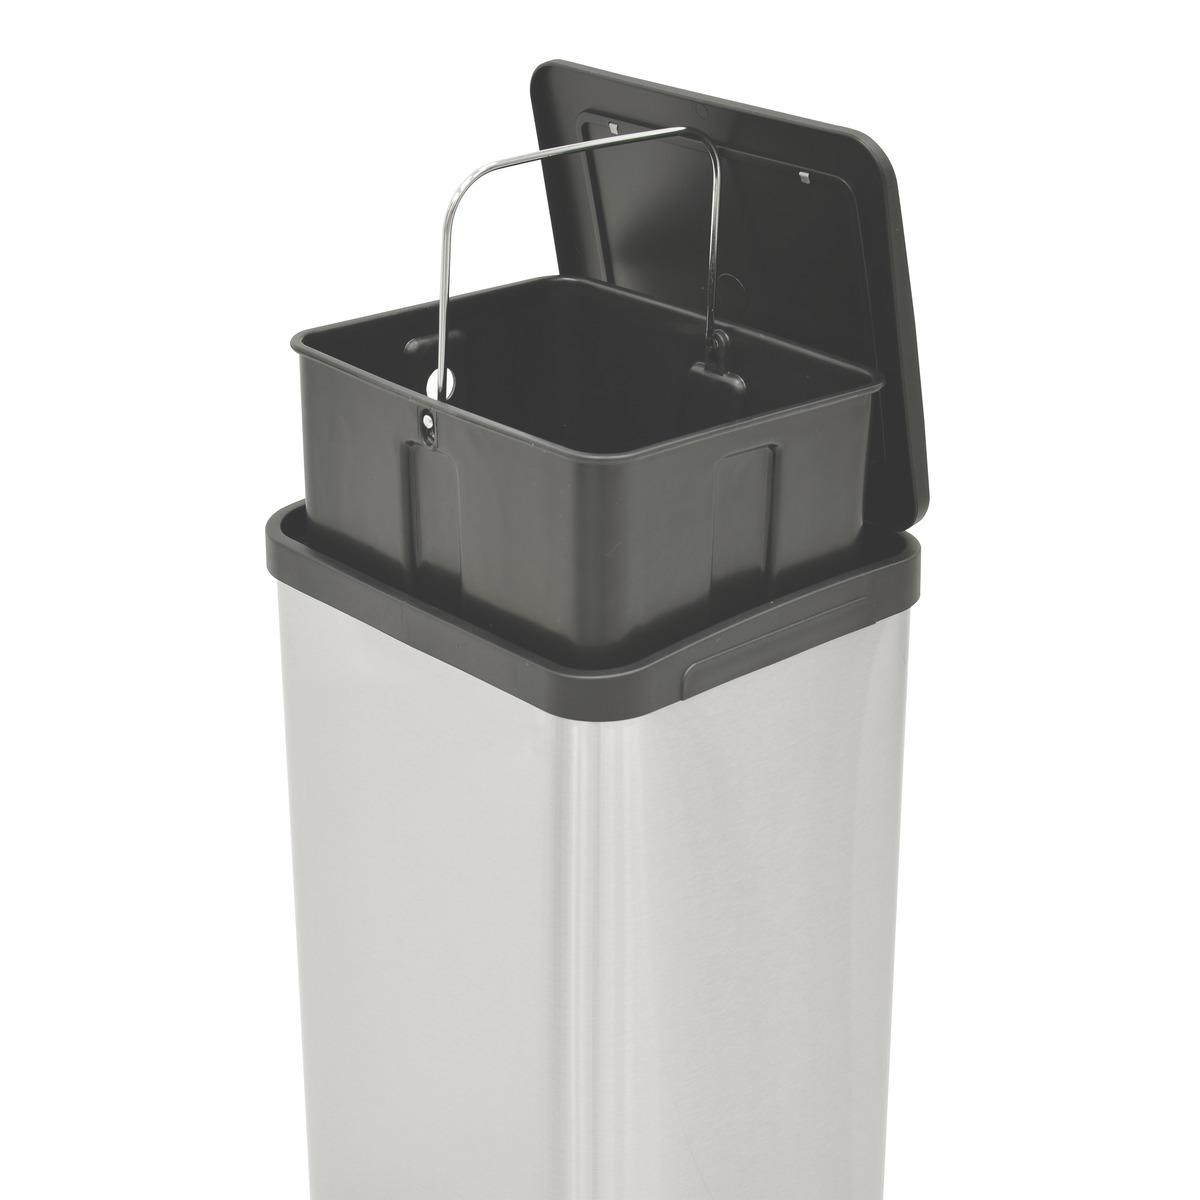 Lixeira Tramontina C/ Pedal Quadratta 15L Inox